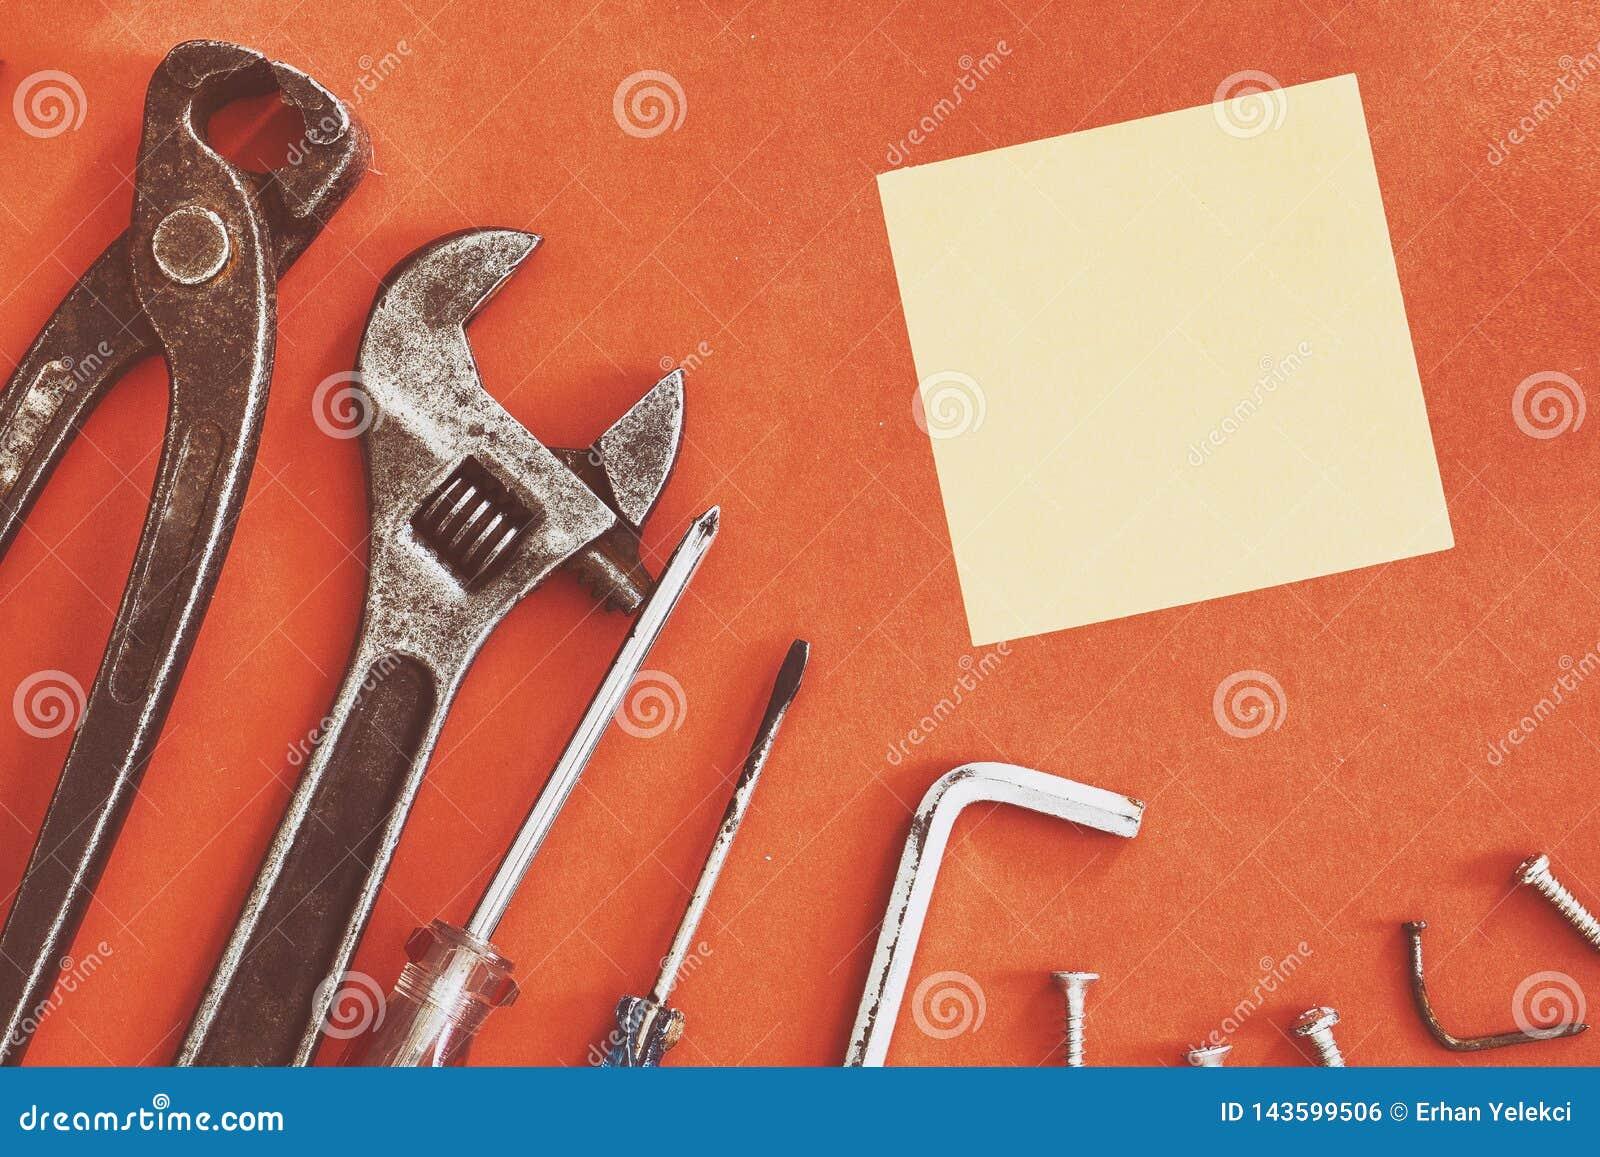 De aannemershulpmiddelen van de moersleutelingenieur op een denimarbeiders, de rode achtergrond van A met de hulpmiddelen van de